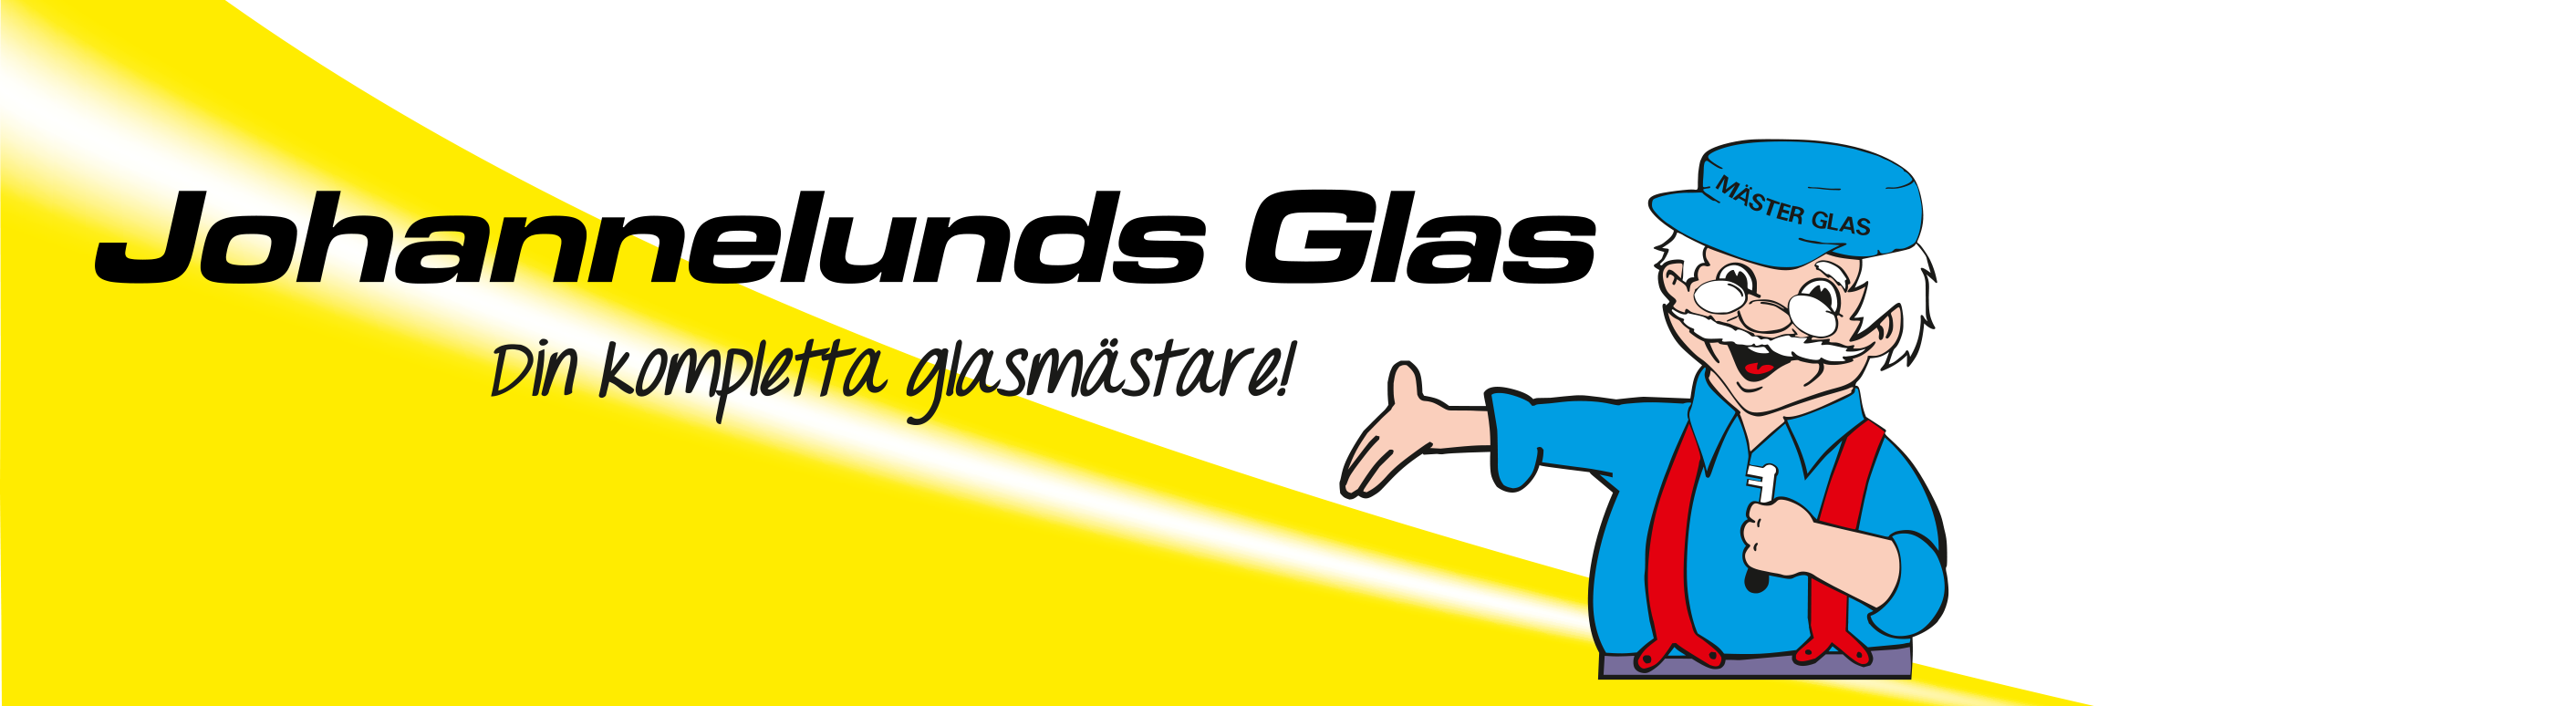 Johannelunds Glasmästeri AB